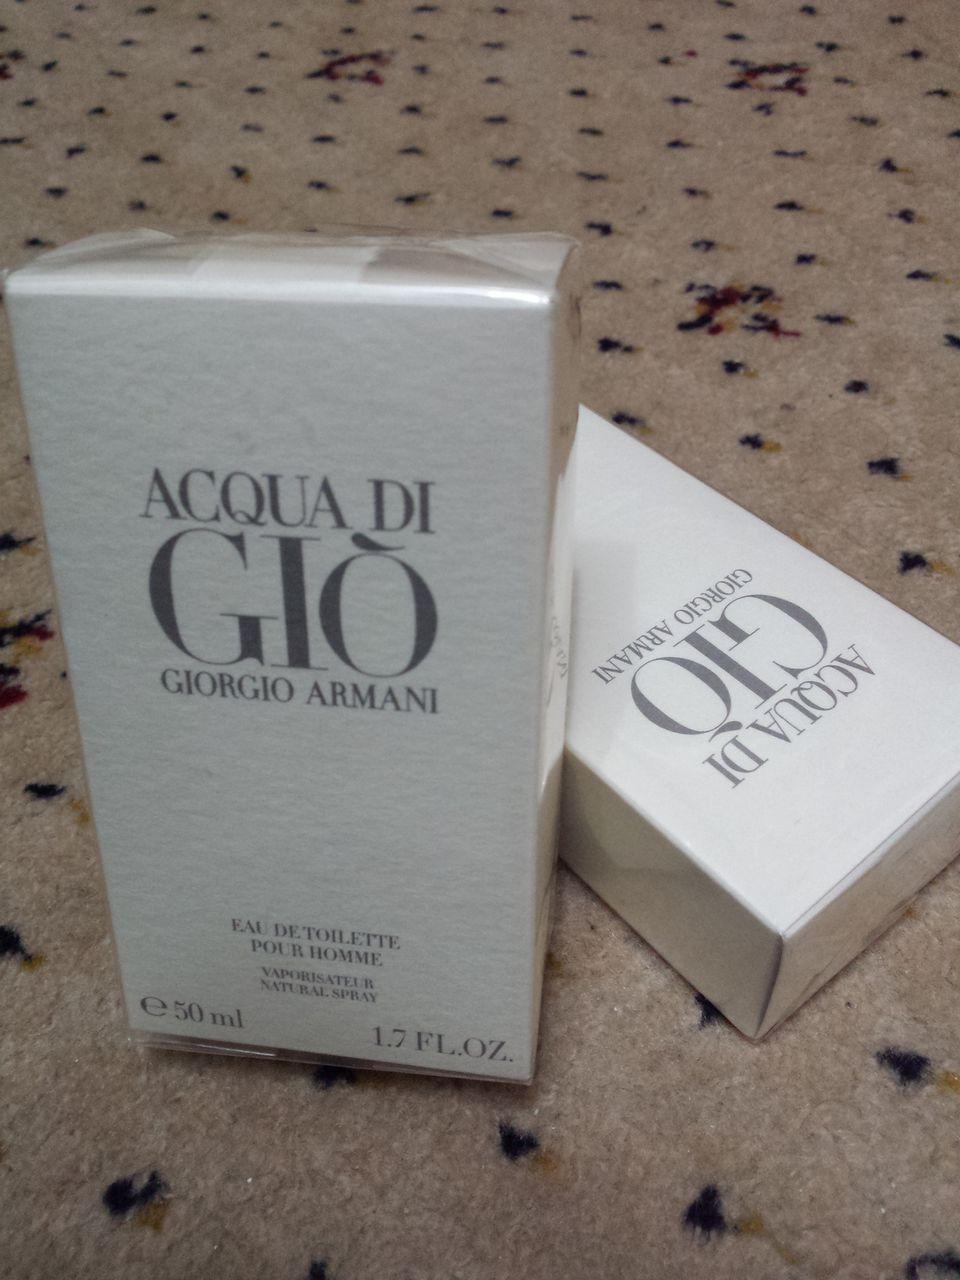 Acqua Di Gio Giorgio Armani Original